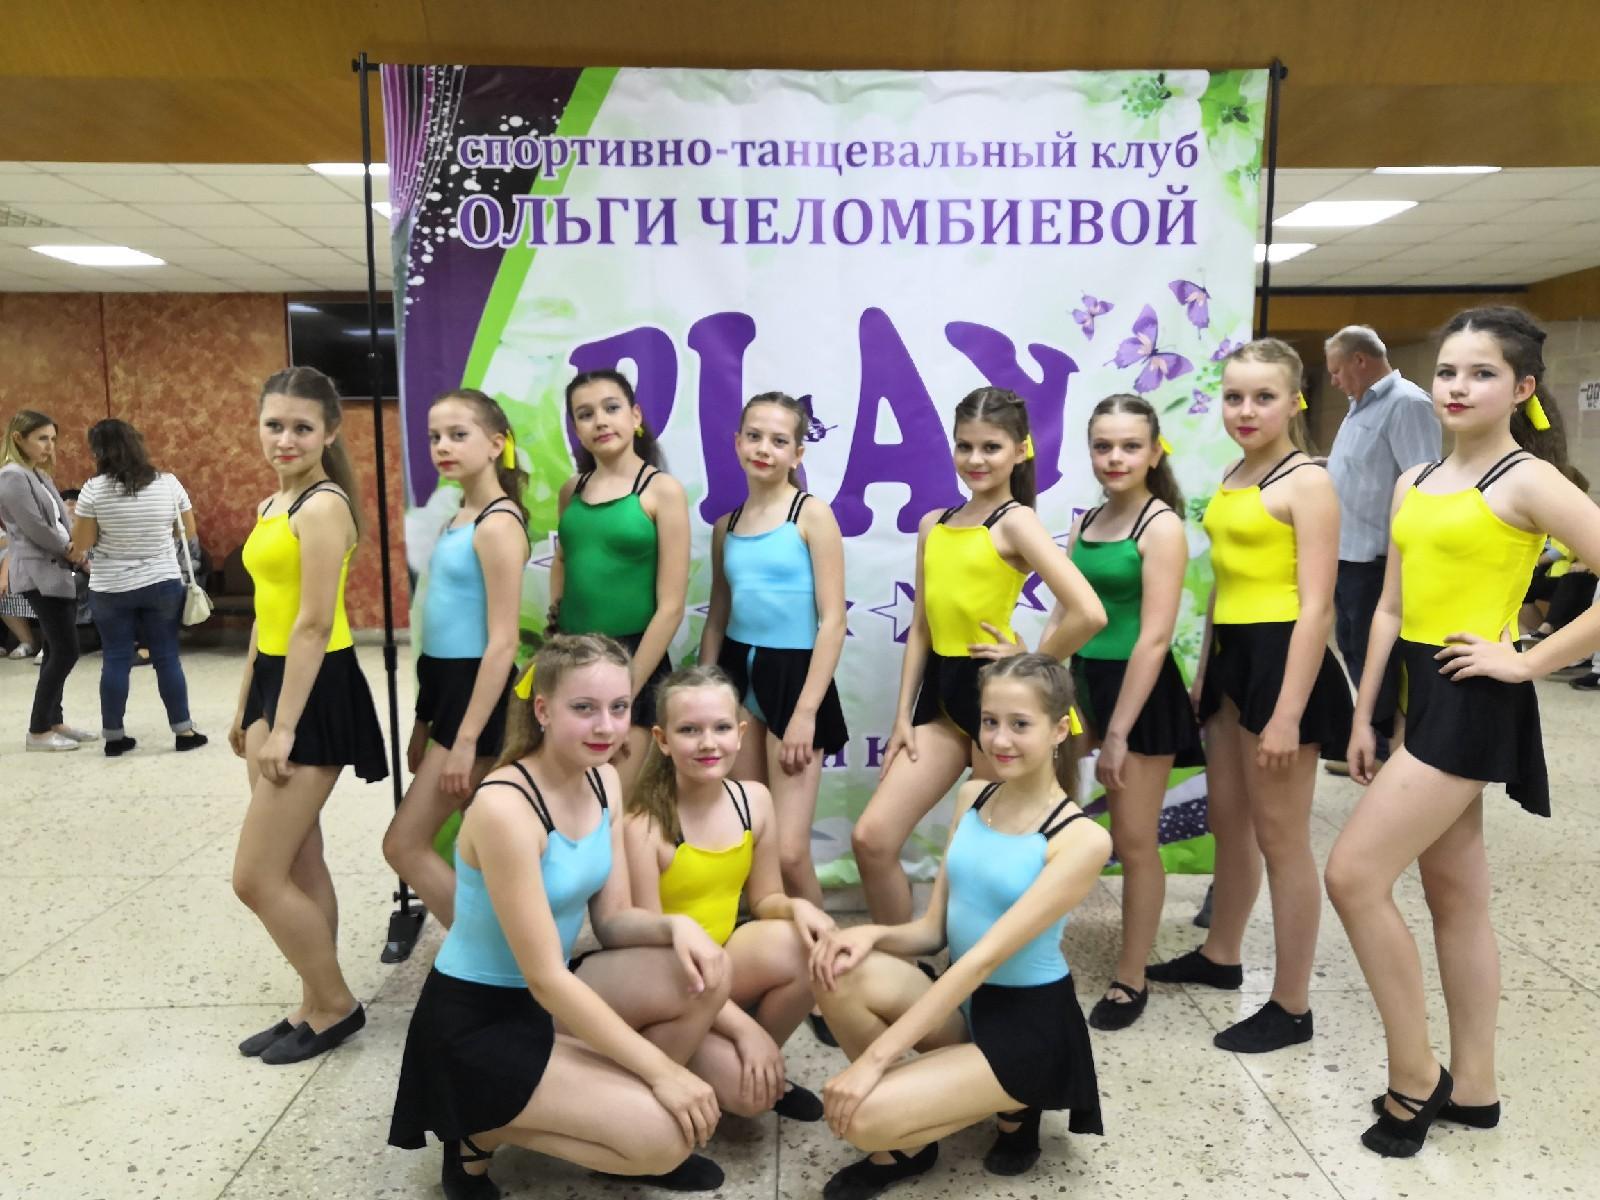 И снова прекрасные, талантливые юные танцоры)))